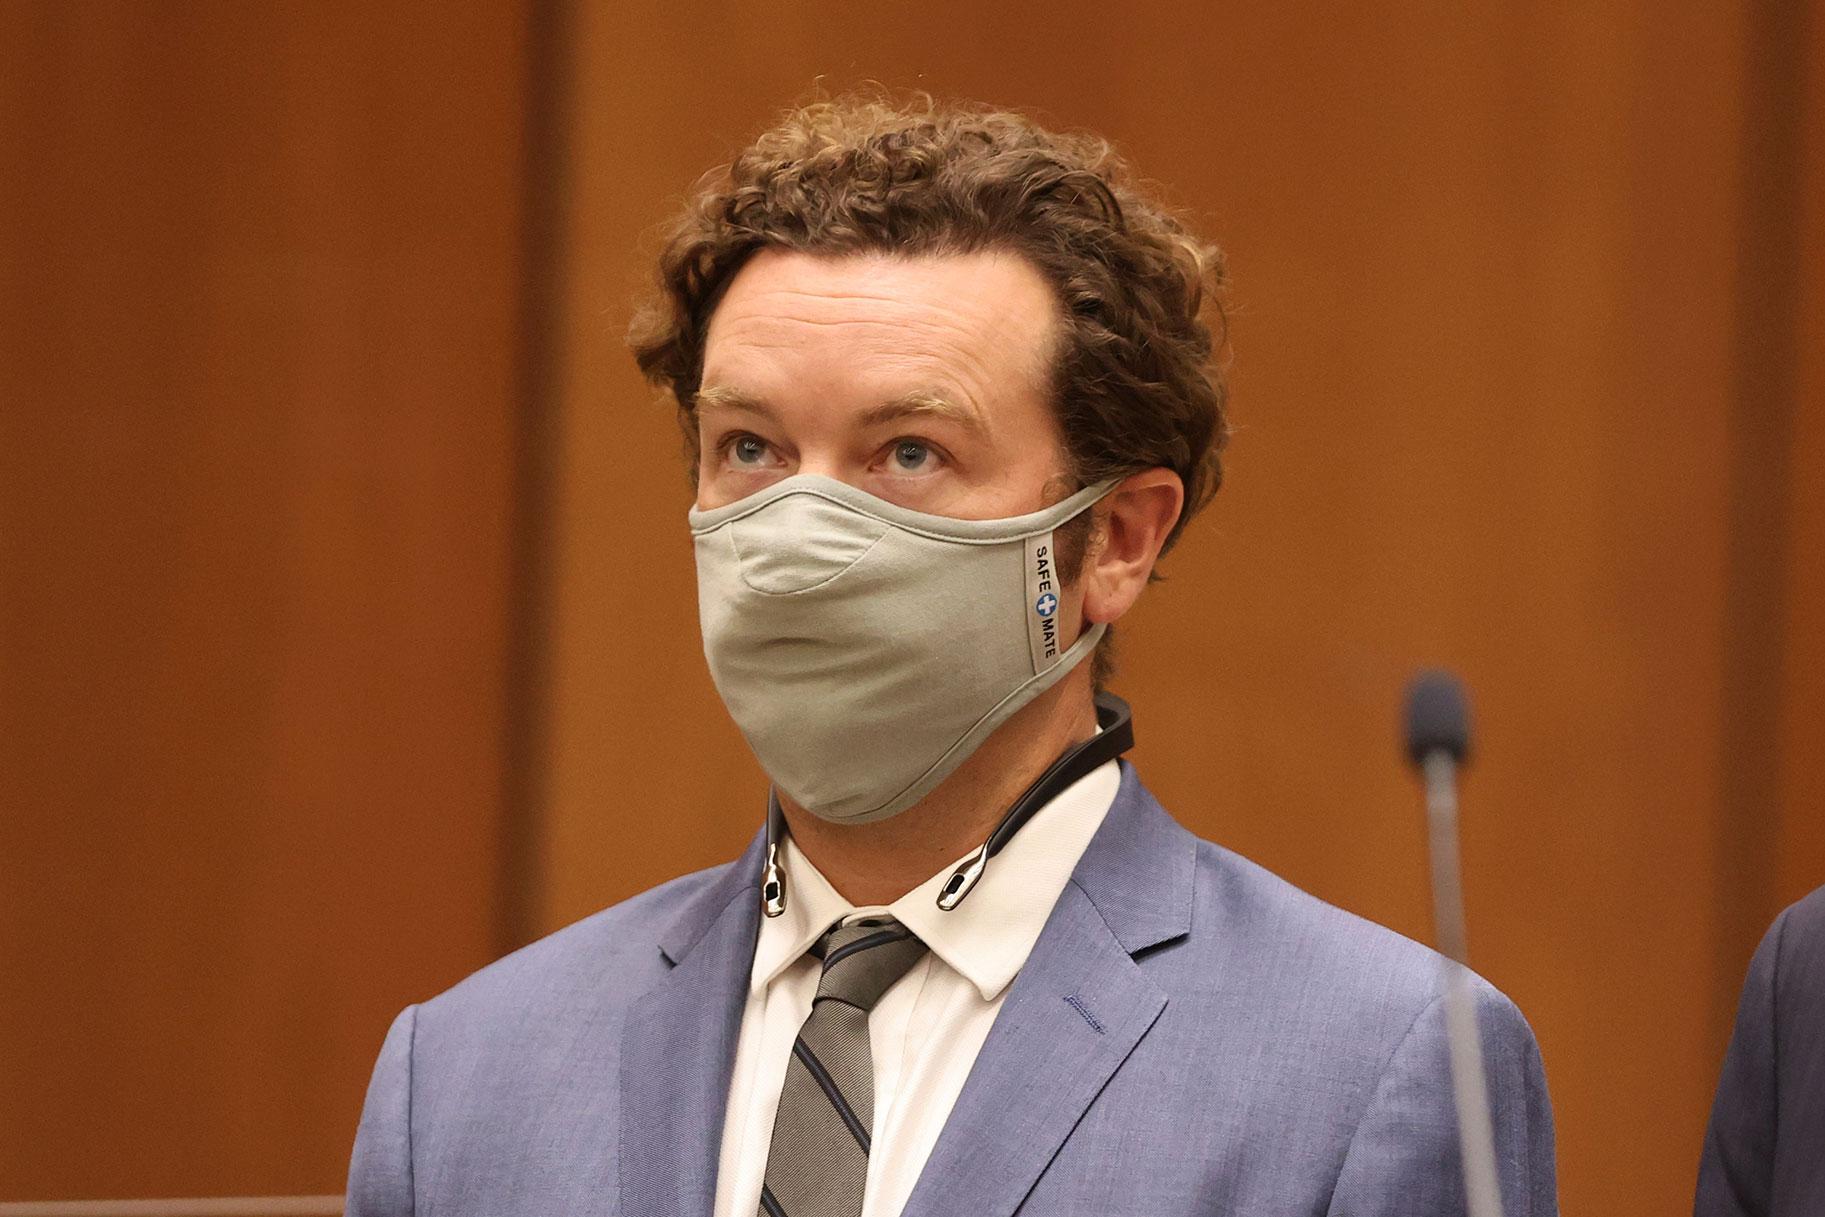 Η υπόθεση βιασμού εναντίον του ηθοποιού Danny Masterson θα προχωρήσει αφού ο δικαστής αρνηθεί το αίτημα για απόλυση